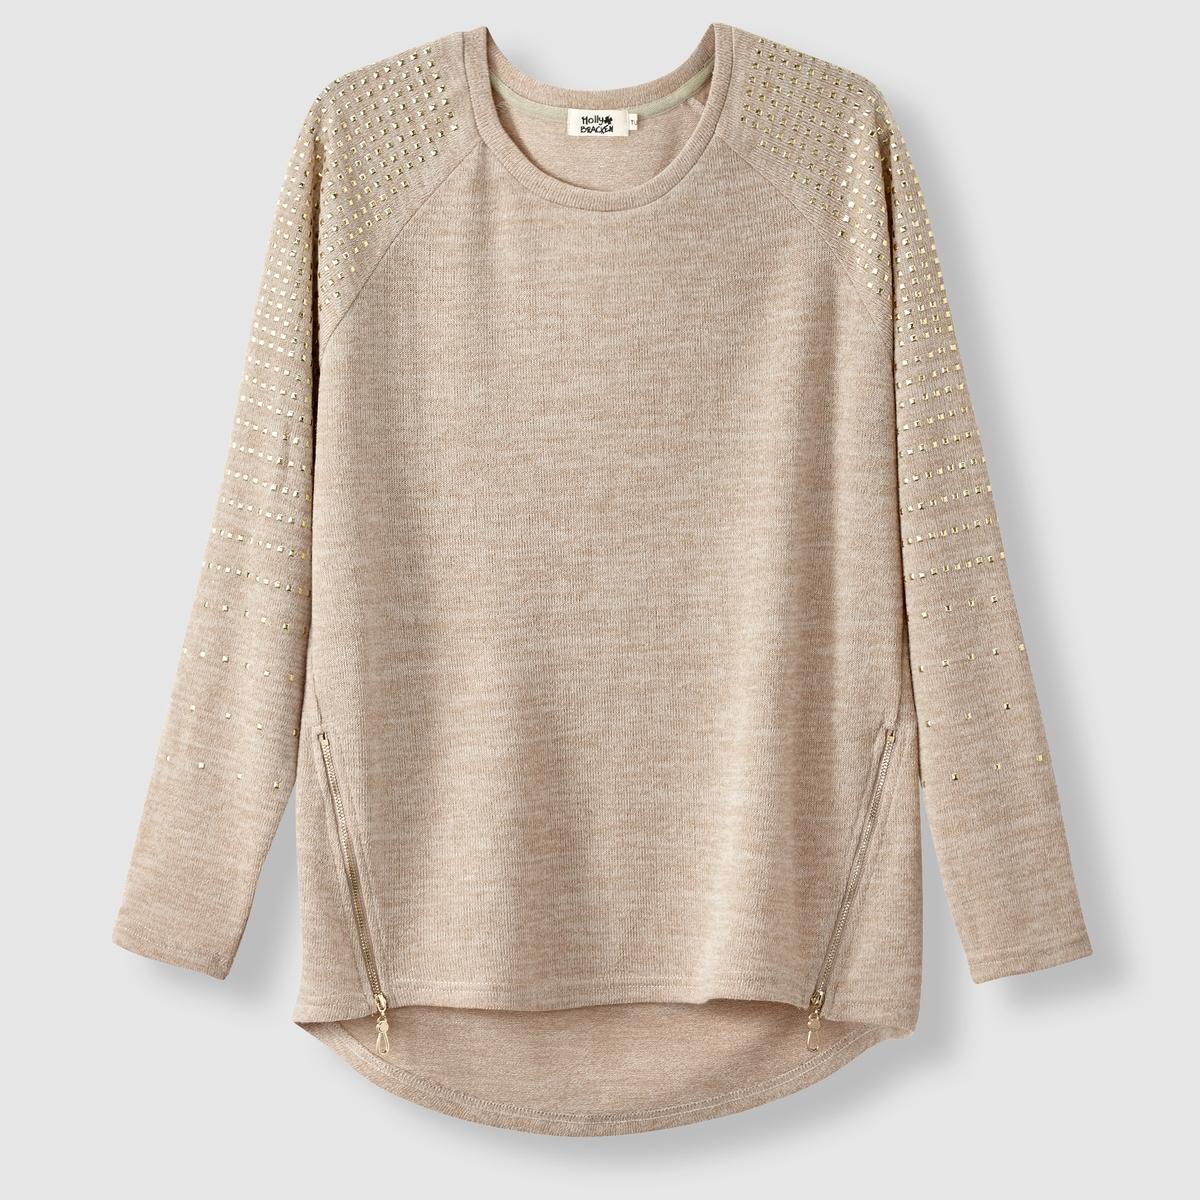 Пуловер с блестками, круглый вырезСостав и описание :Материал : 60% полиэстера, 35% хлопка, 5% эластанаМарка : MOLLY BRACKEN<br><br>Цвет: бежевый